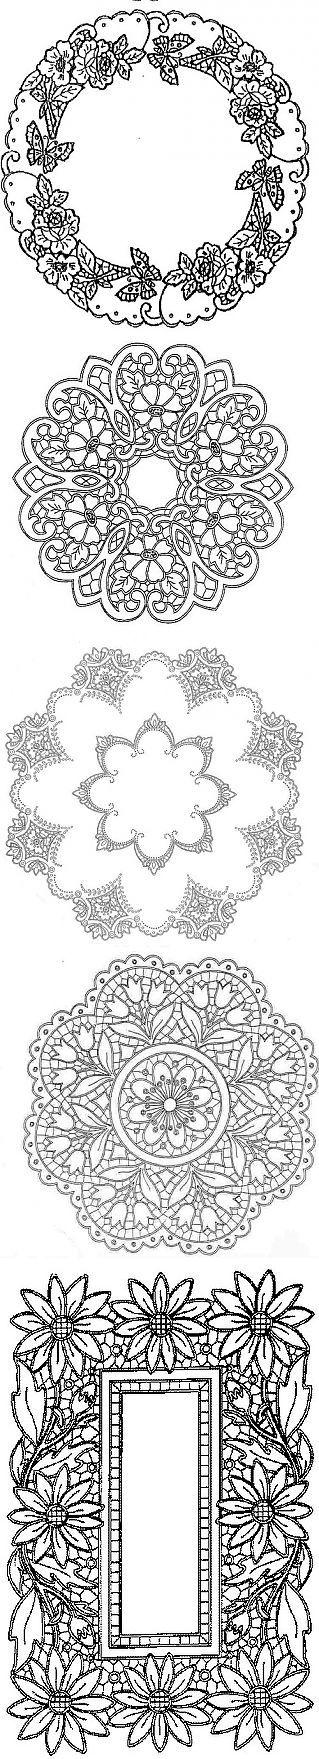 Необыкновенно красивое кружево - Ришелье (Декупаж+Хобби).. | вышивка | Постила